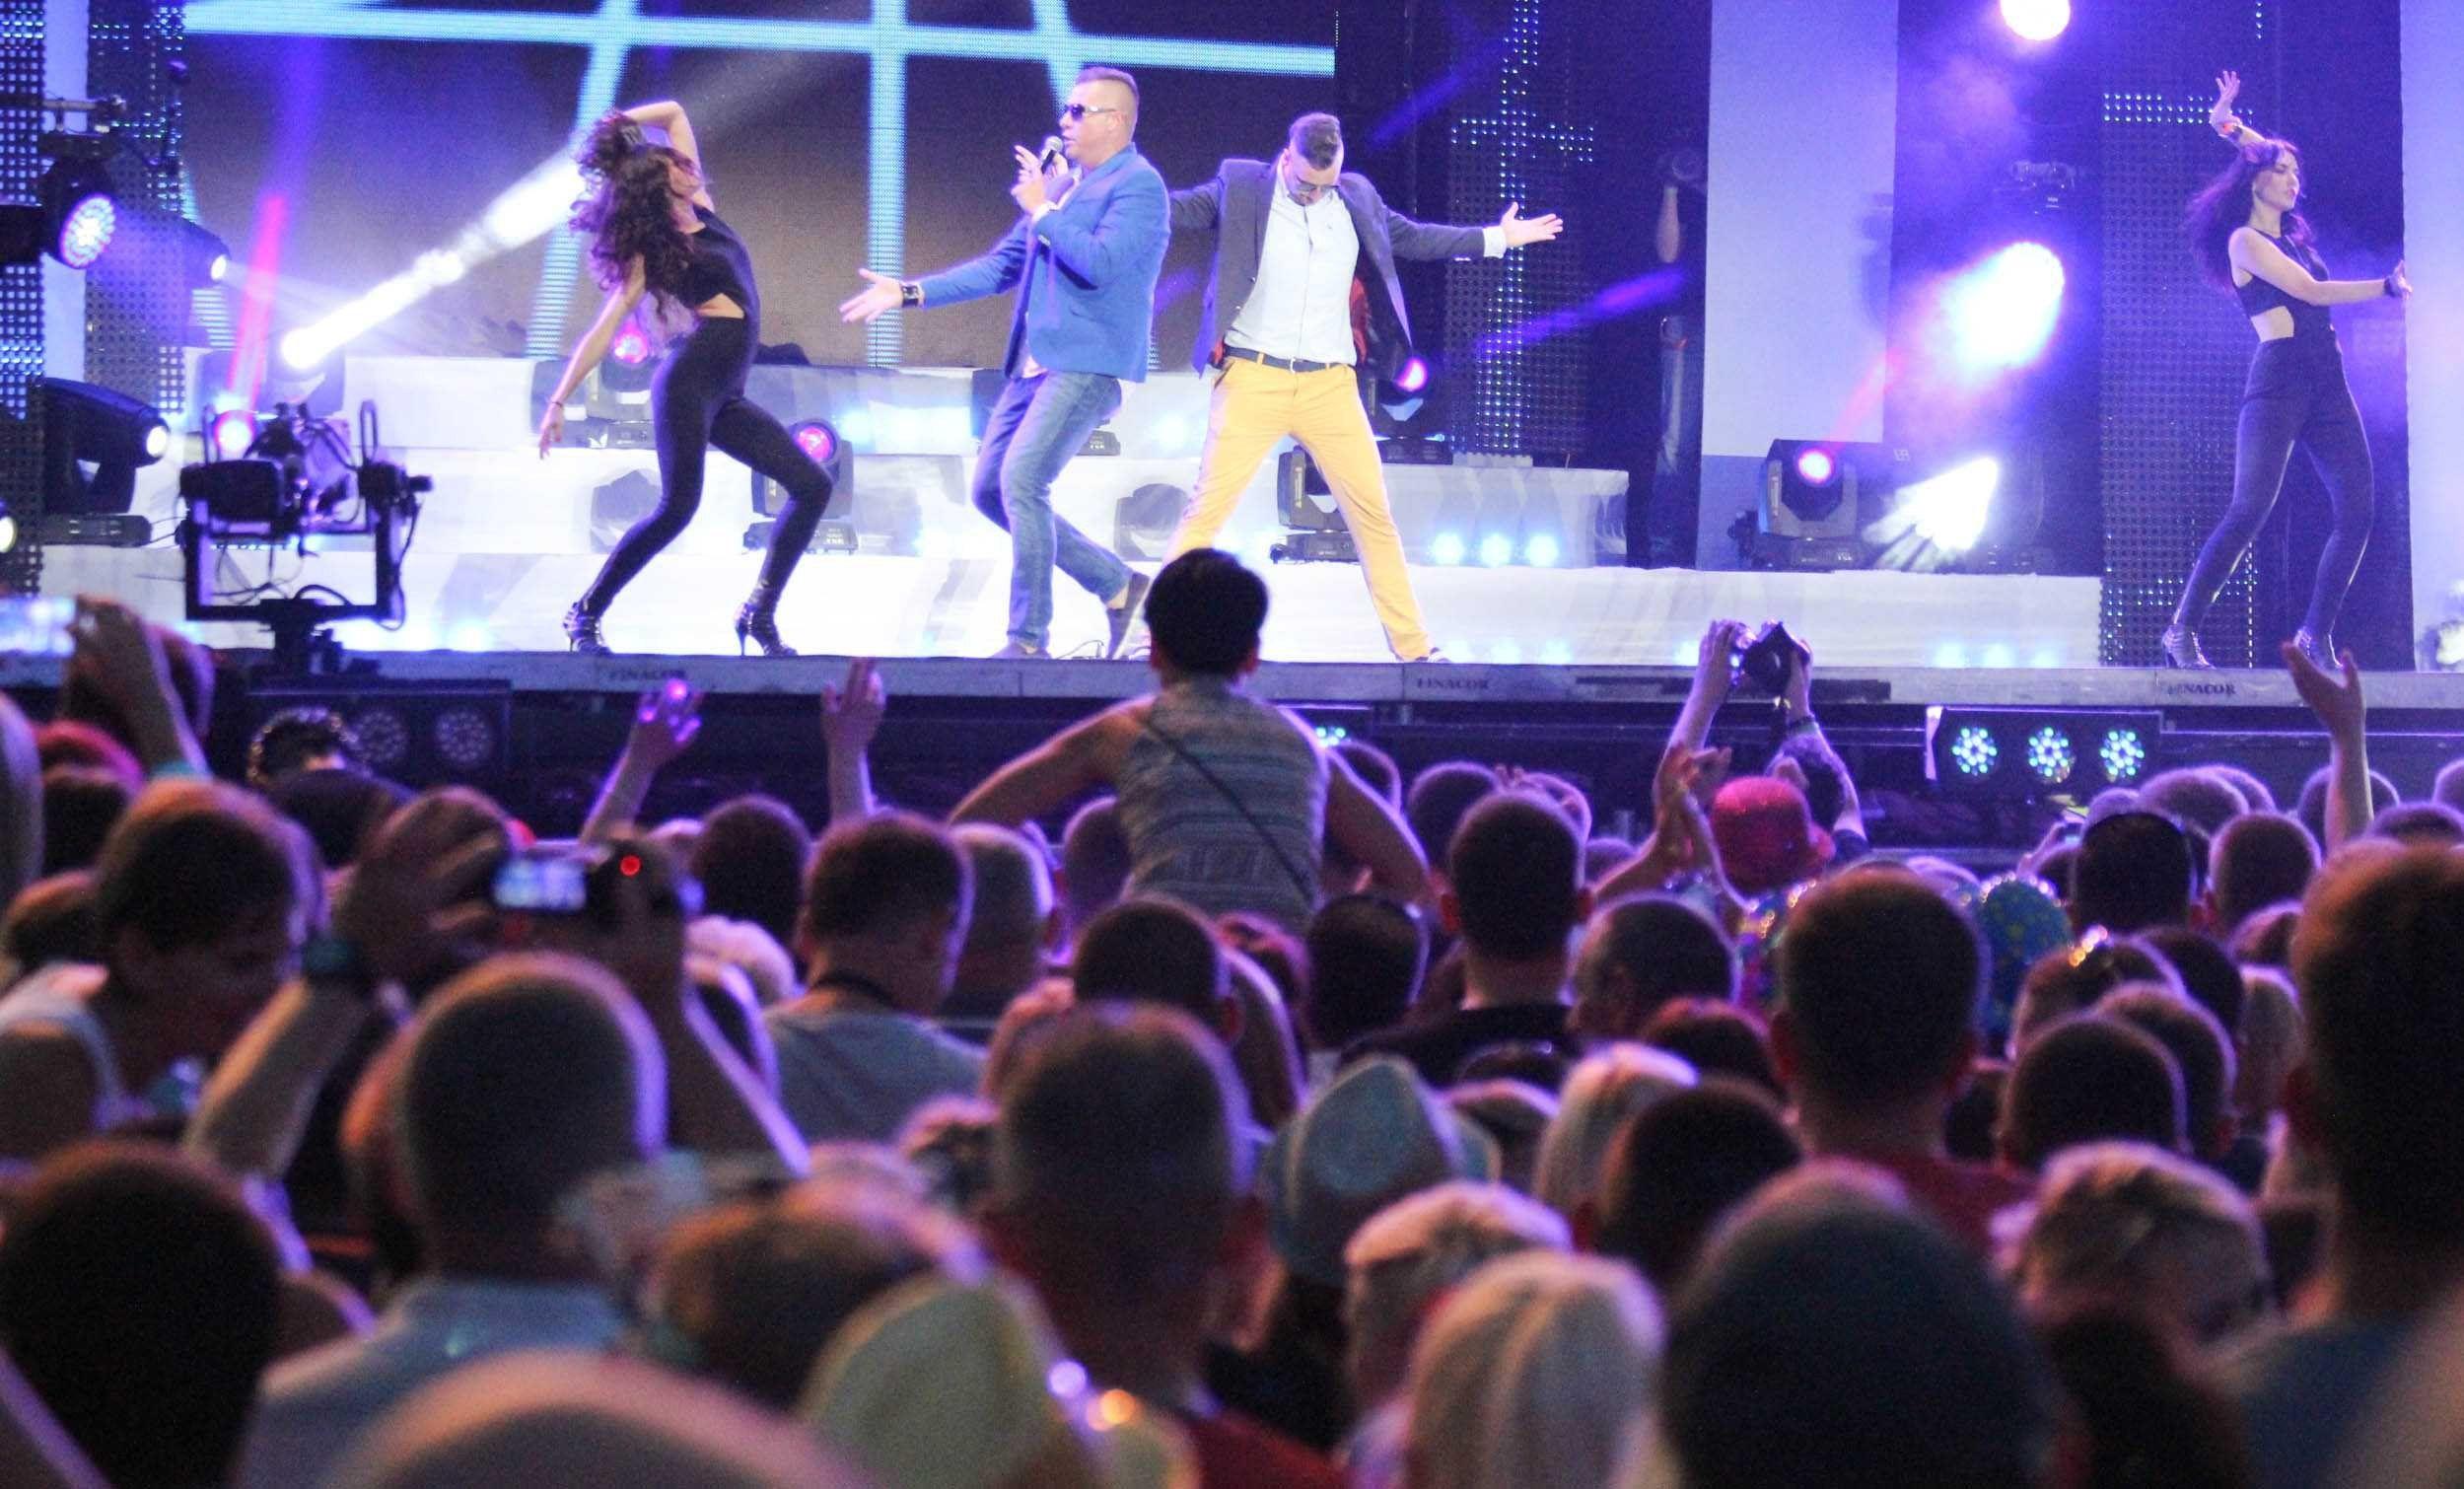 de1dfdfa6d Festiwal Muzyki Tanecznej w Olsztynie. Znamy więcej szczegółów ...